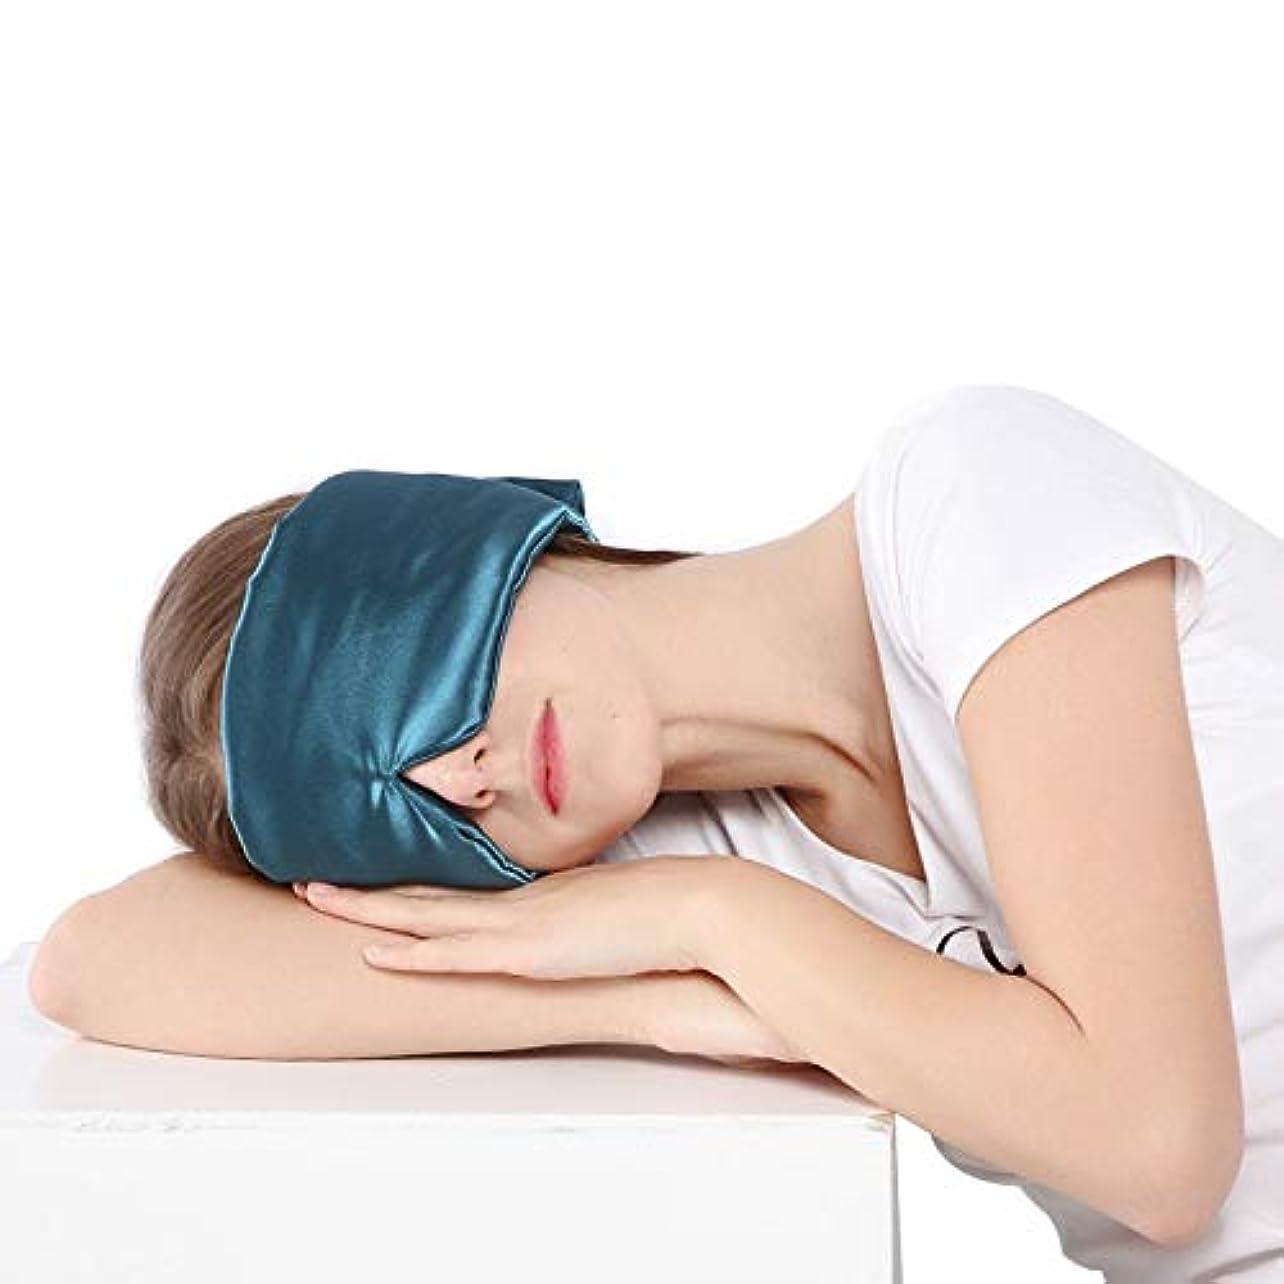 割る放射能生き物注3Dシルクカバーアイシェード旅行睡眠アイマスク睡眠疲労目隠しオフィス睡眠マスクアイパッチ/包帯用睡眠